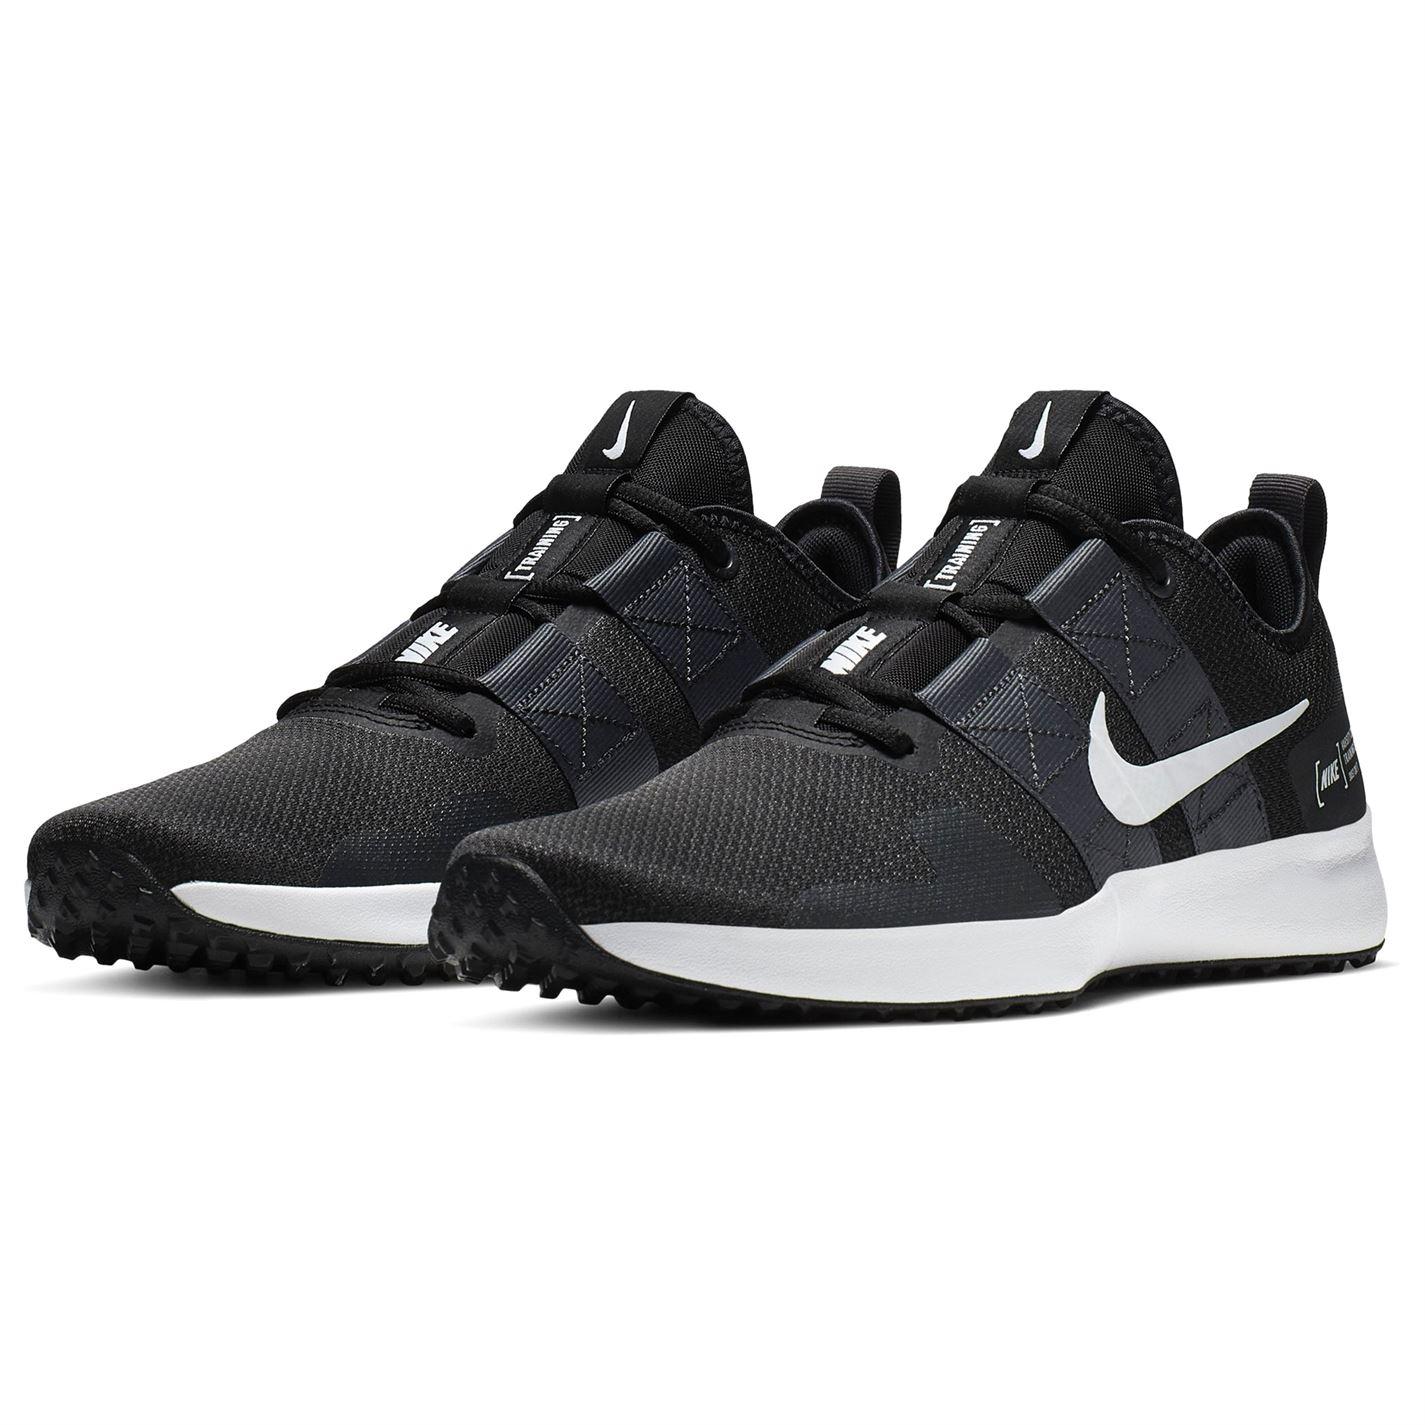 Nike Varsity Comp 2 pánské tenisky